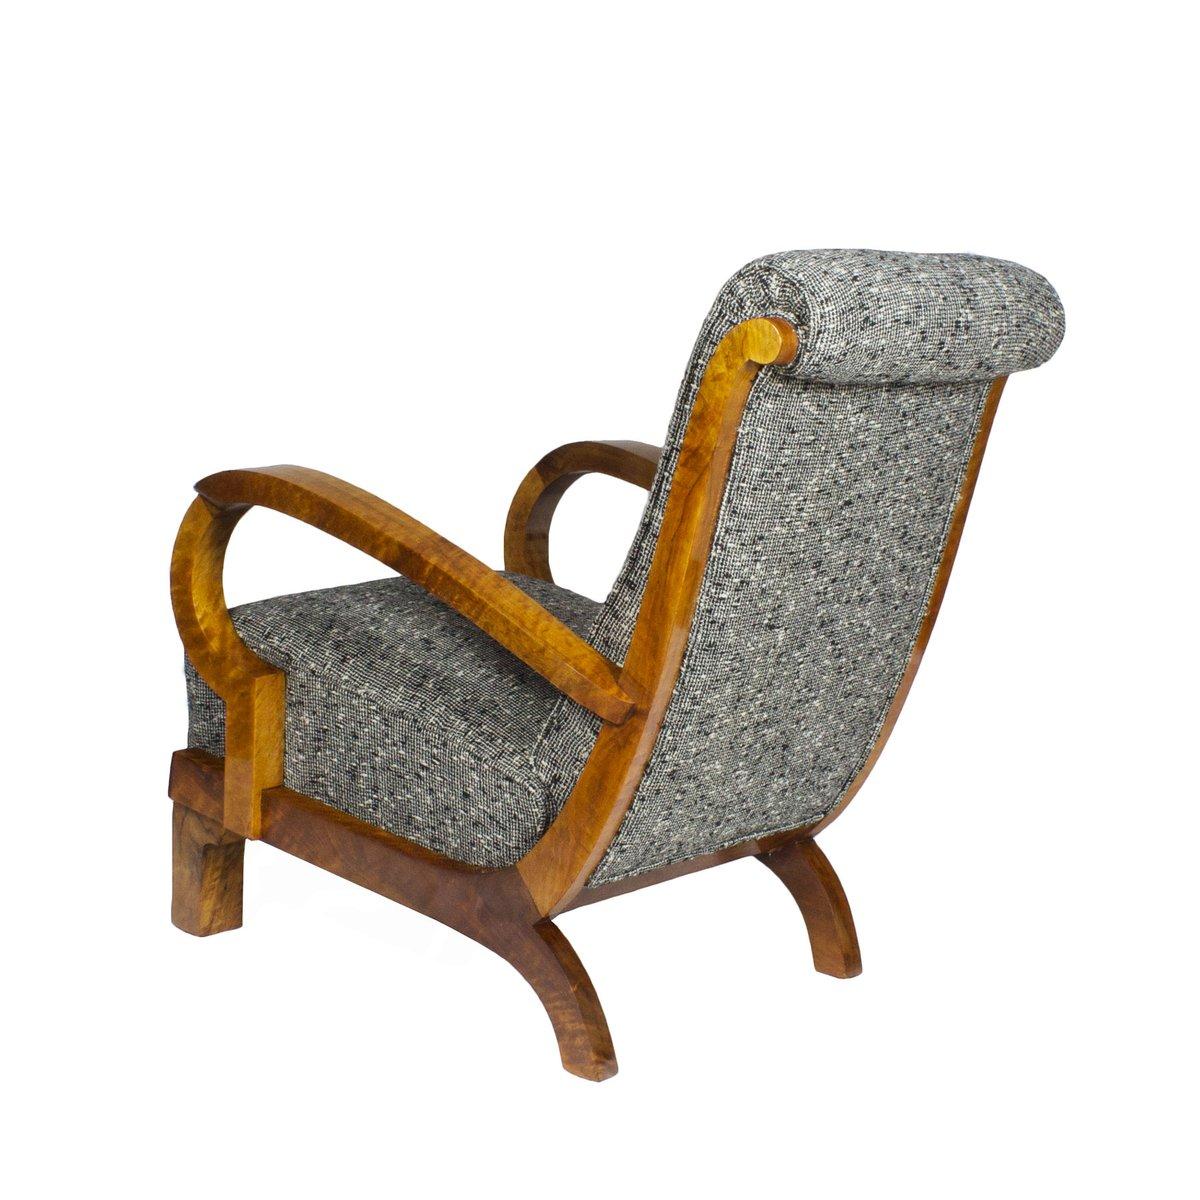 fauteuils art deco italie 1930s set de 2 en vente sur pamono. Black Bedroom Furniture Sets. Home Design Ideas